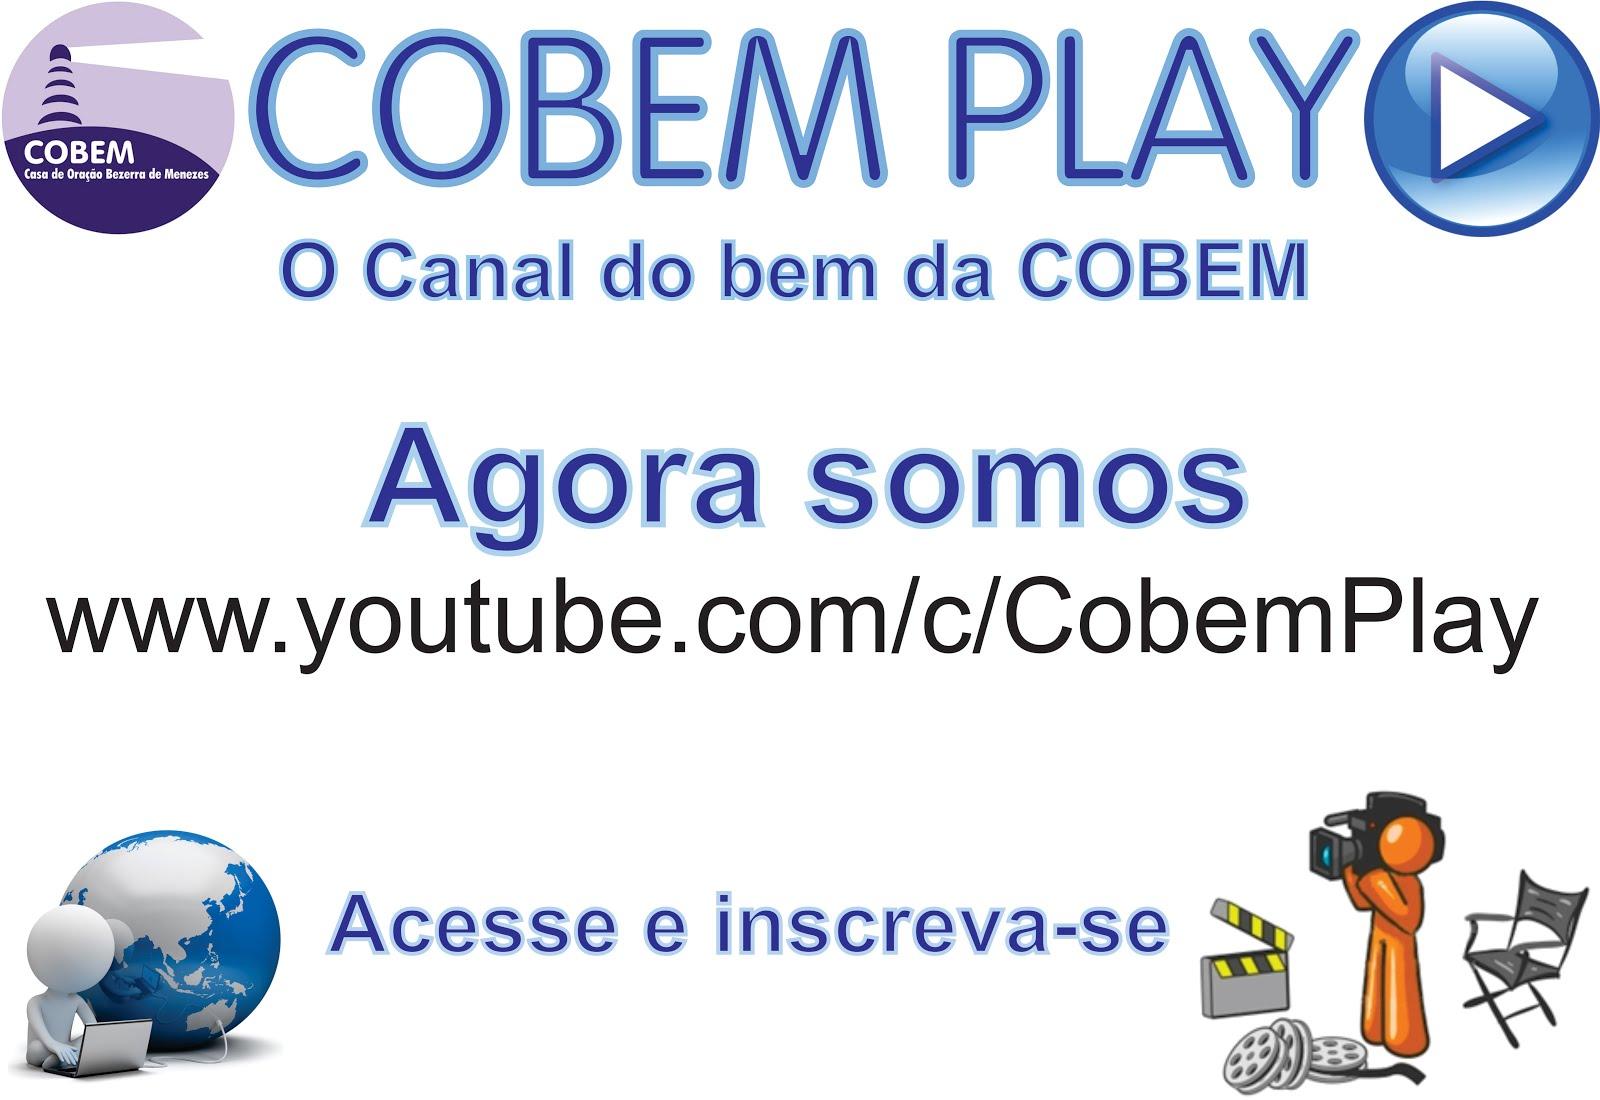 COBEM